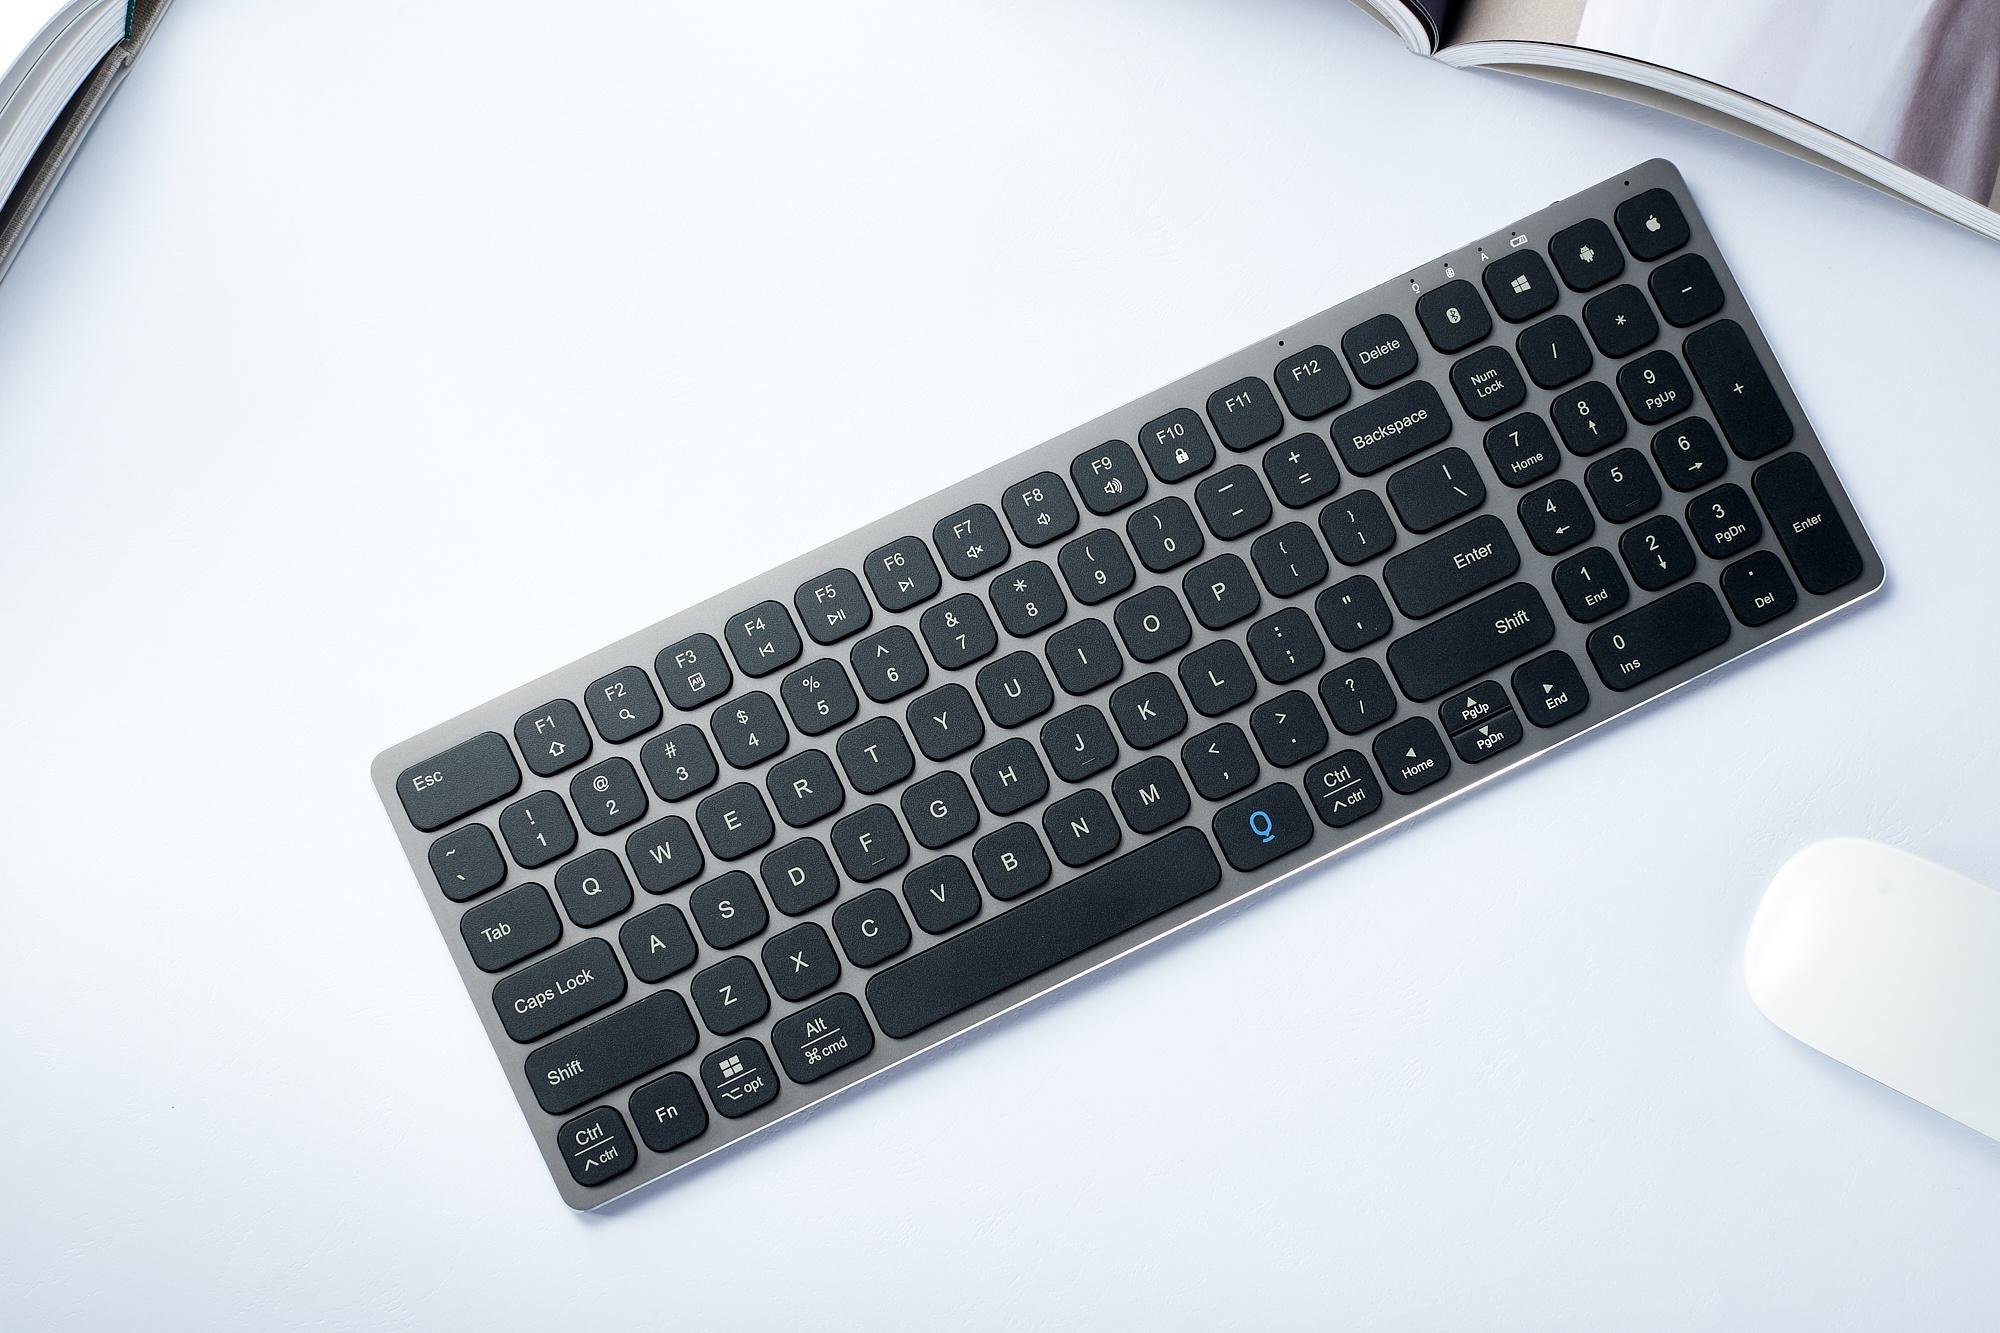 讯飞智能键盘K710图赏 1分钟输400字的黑科技